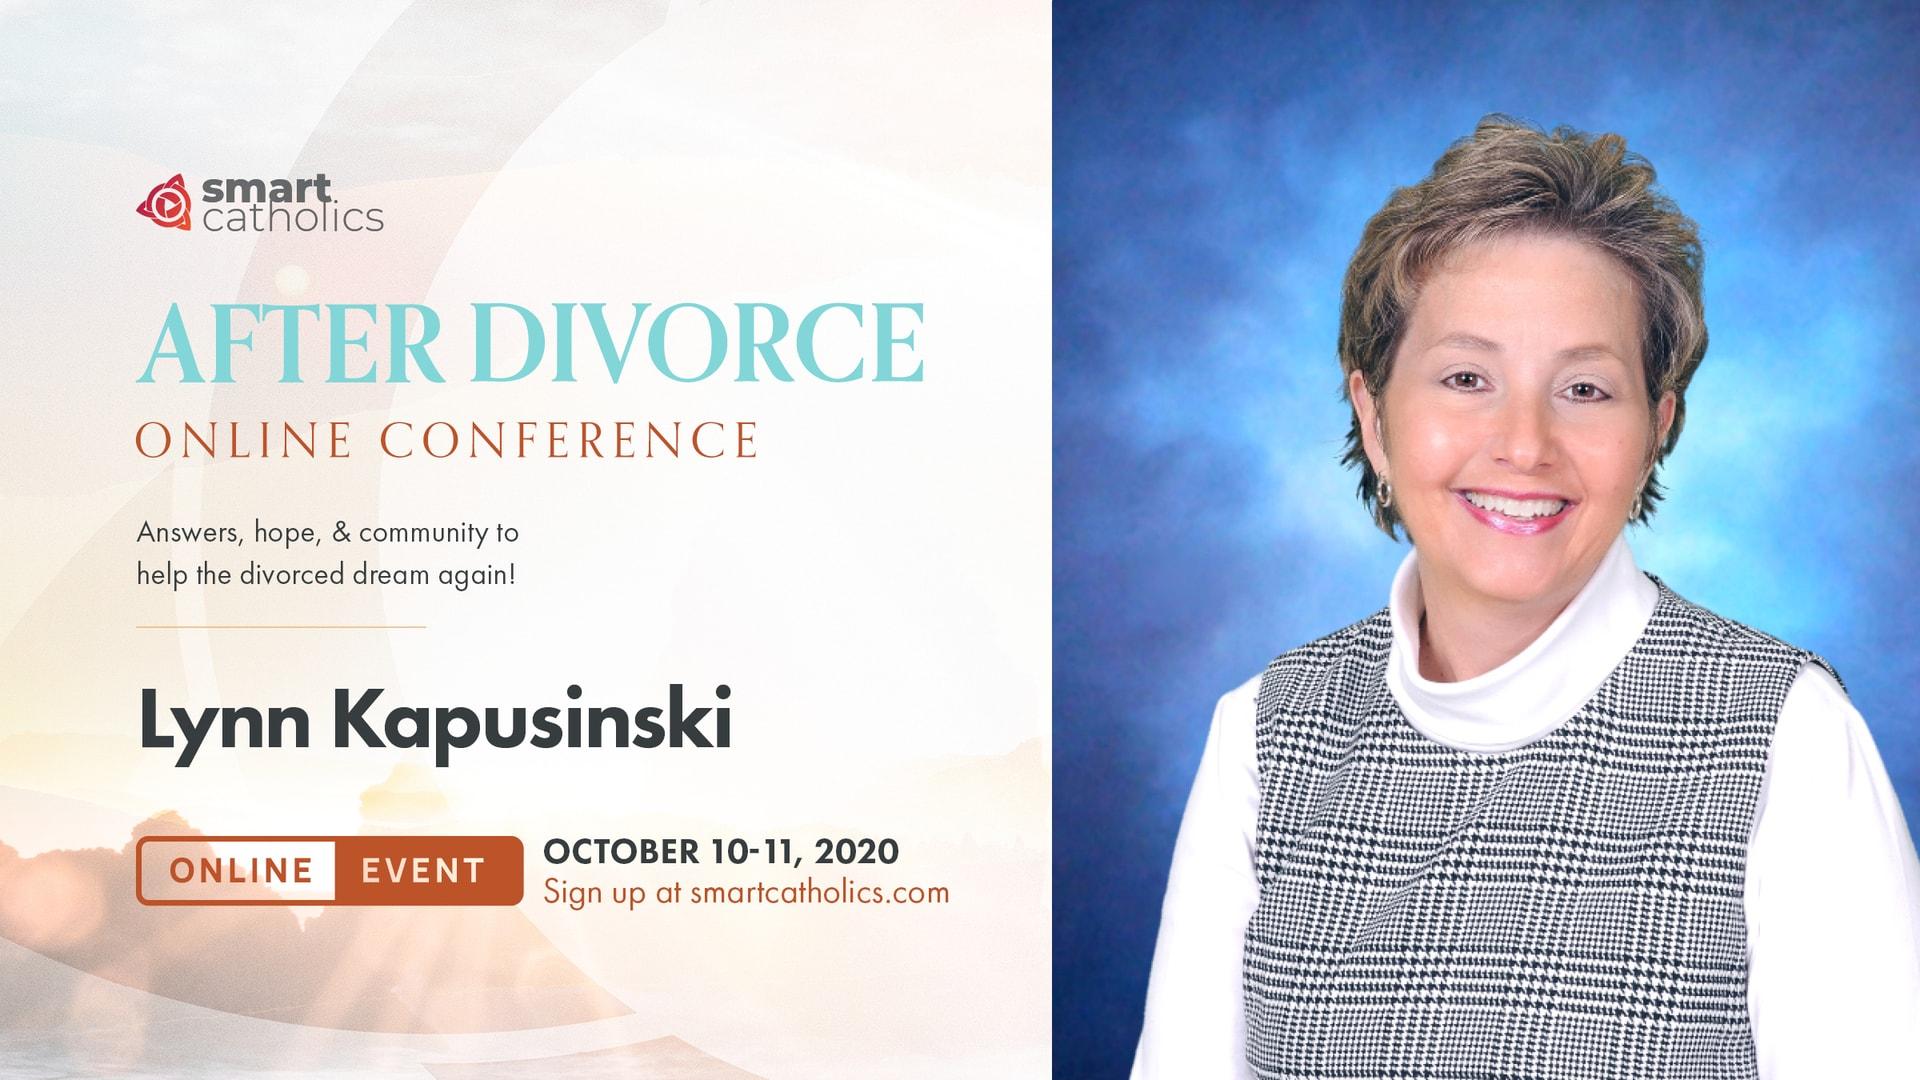 Lynn Kapusinski - 'After Divorce' 2020 Conference